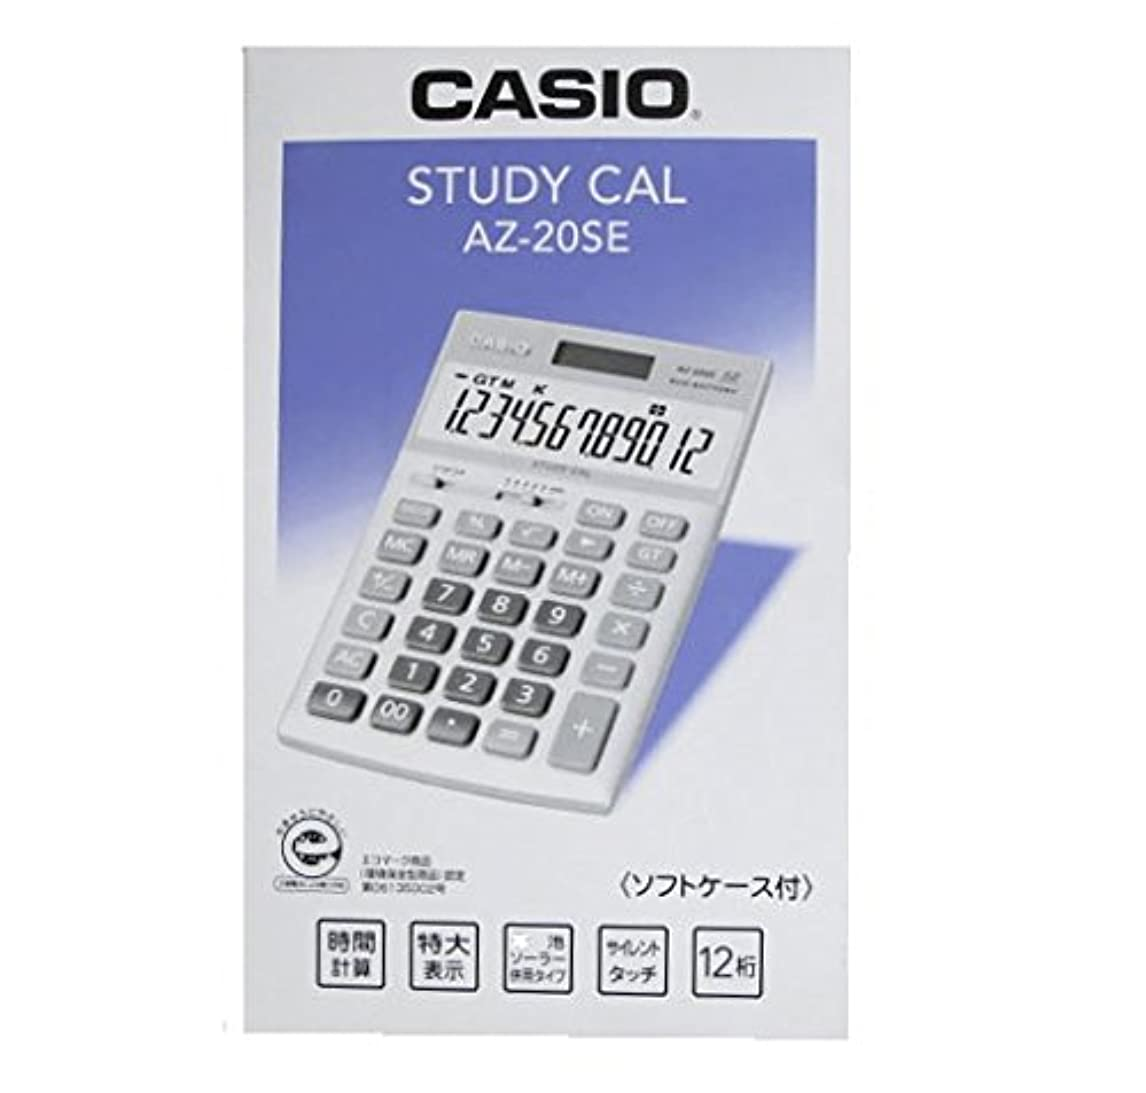 覗く申し立て申し立てカシオ計算機 CASIO 本格実務電卓 簿記?ビジネス電卓 12桁 STUDY CAL AZ-20SE 簿記学校専用モデル ソフトケース付